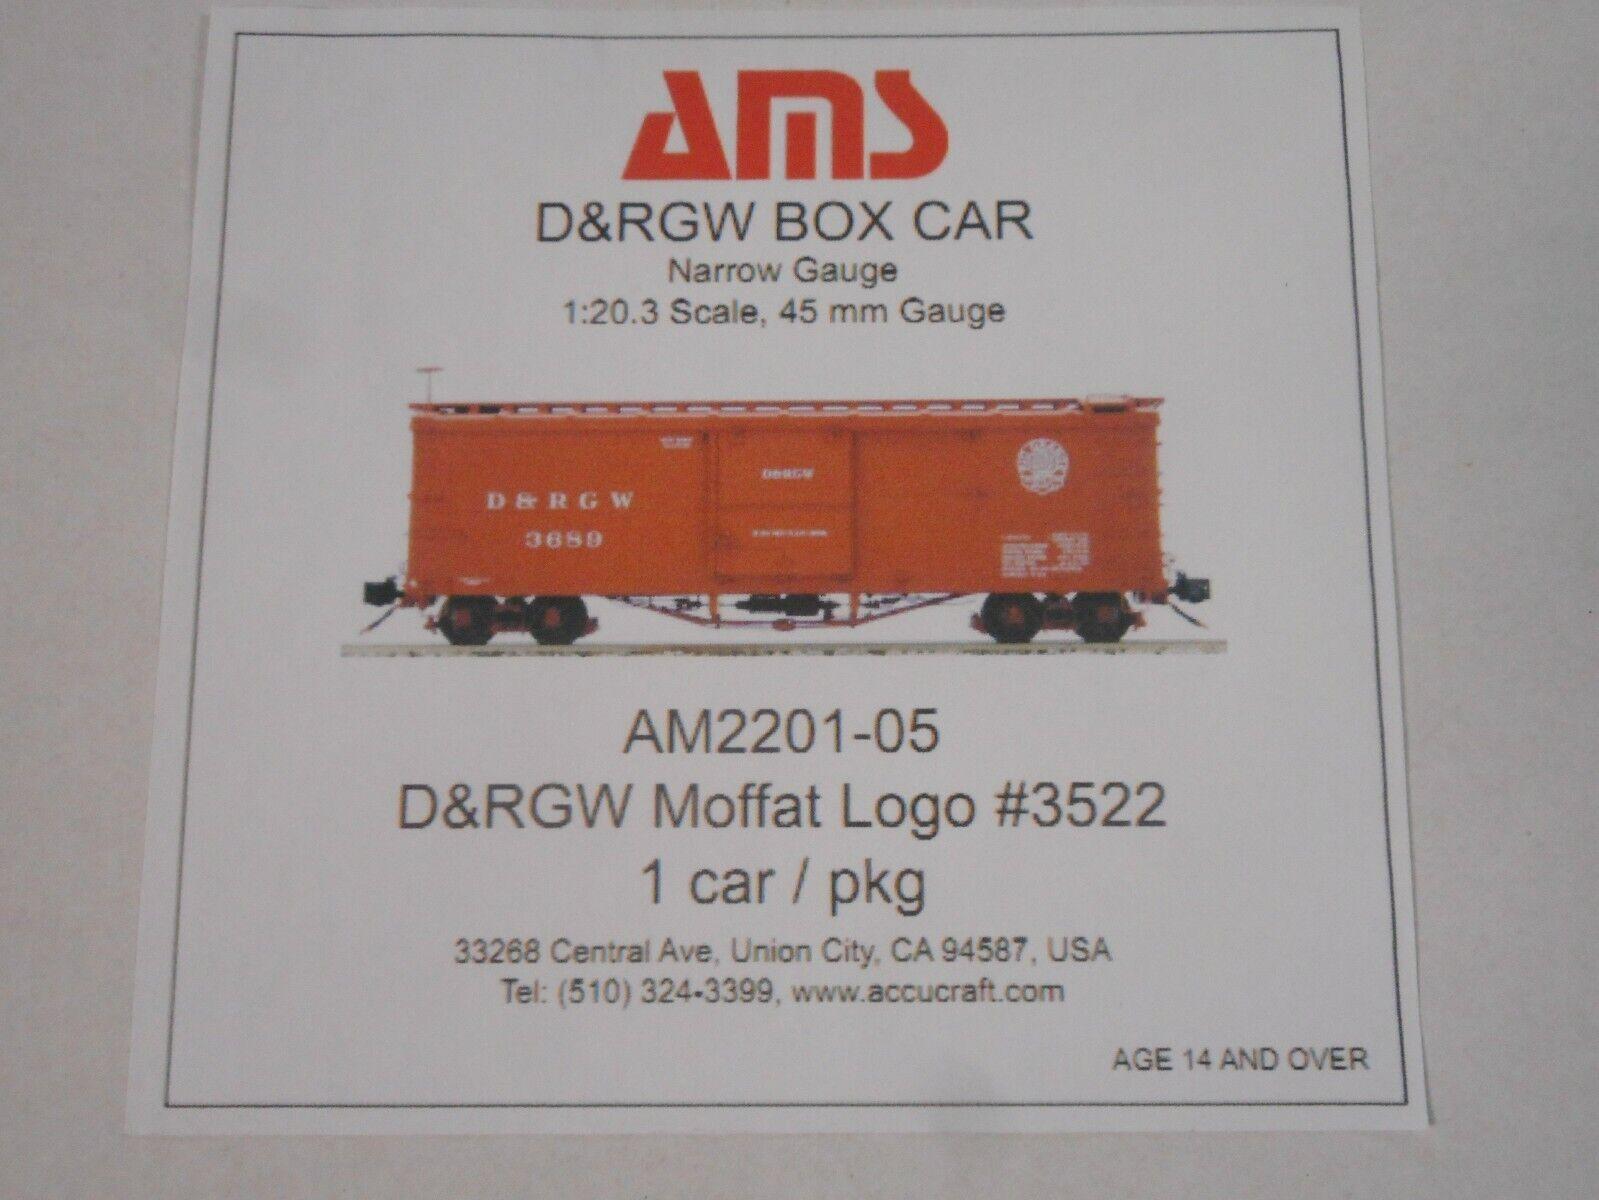 envío gratuito a nivel mundial Accucraft AMS AM2201-05 coche de de de caja-D&RGW Moffat Logo  3522 escala 1 20.3  Envíos y devoluciones gratis.